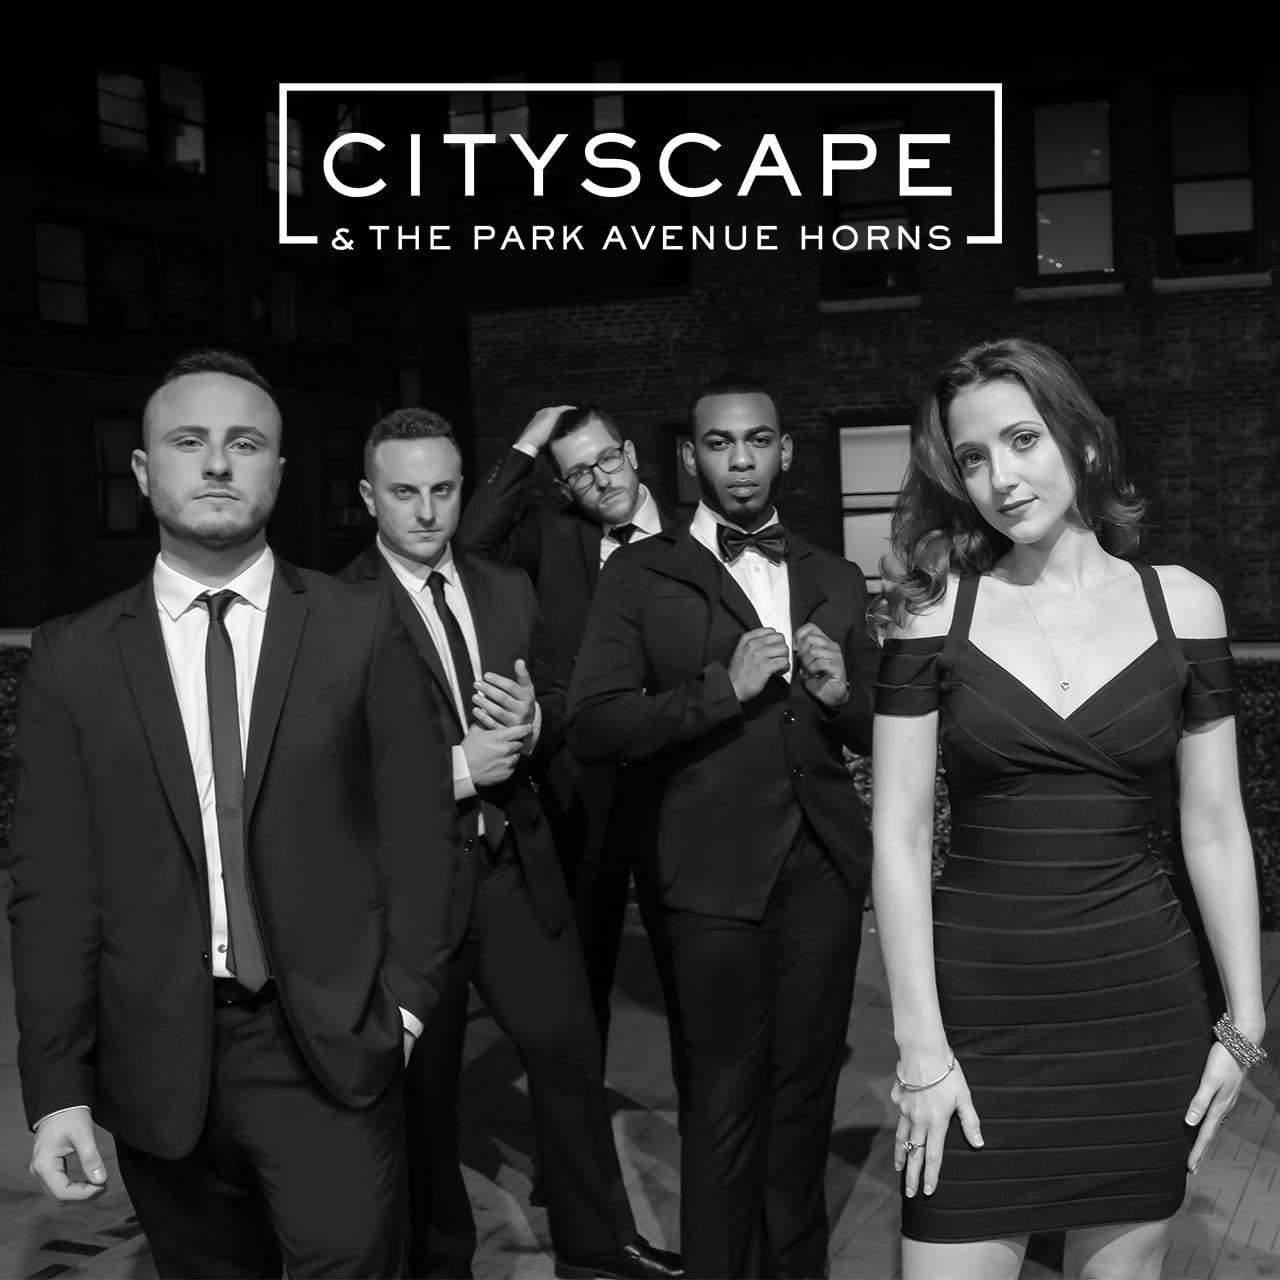 CityScape + The Park Avenue Horns